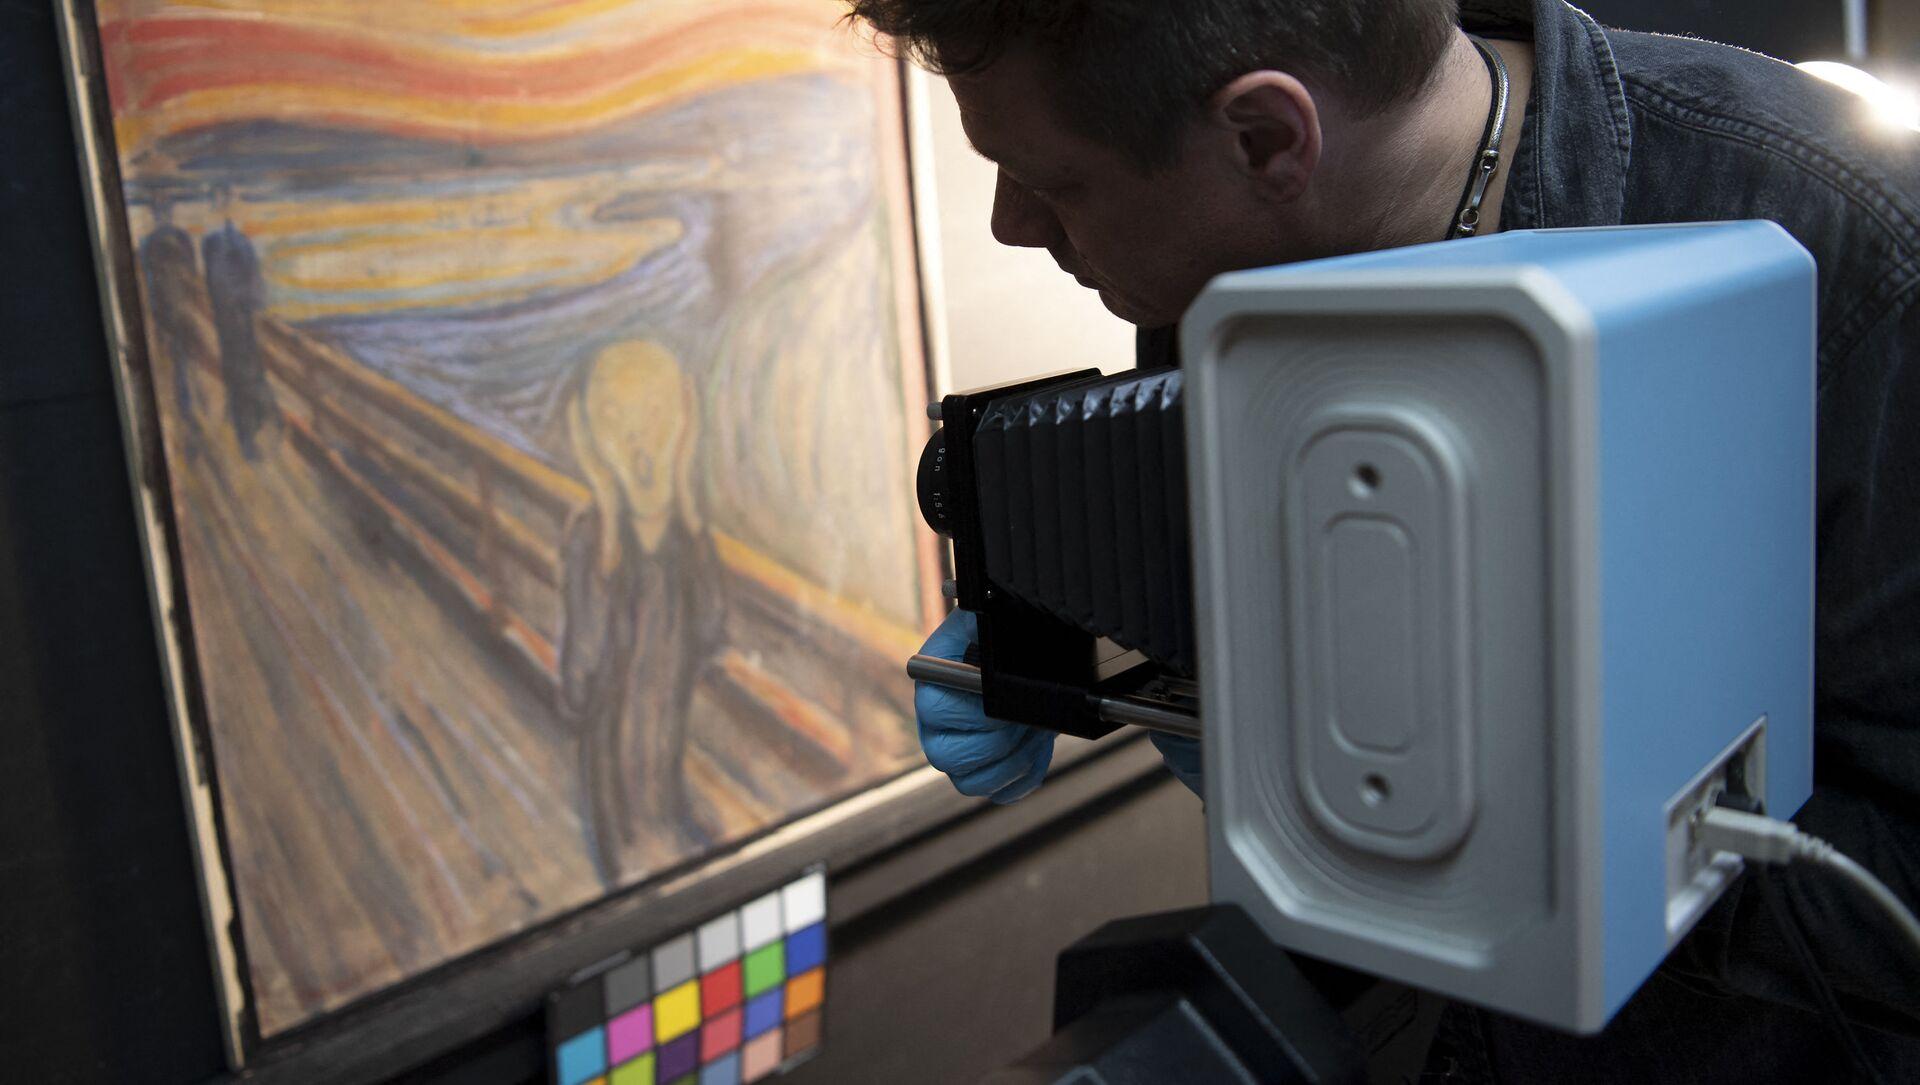 Il curatore del Museo Nazionale norvegese con uno scanner a infrarossi studia il dipinto di Edvard Munch - Sputnik Italia, 1920, 22.02.2021